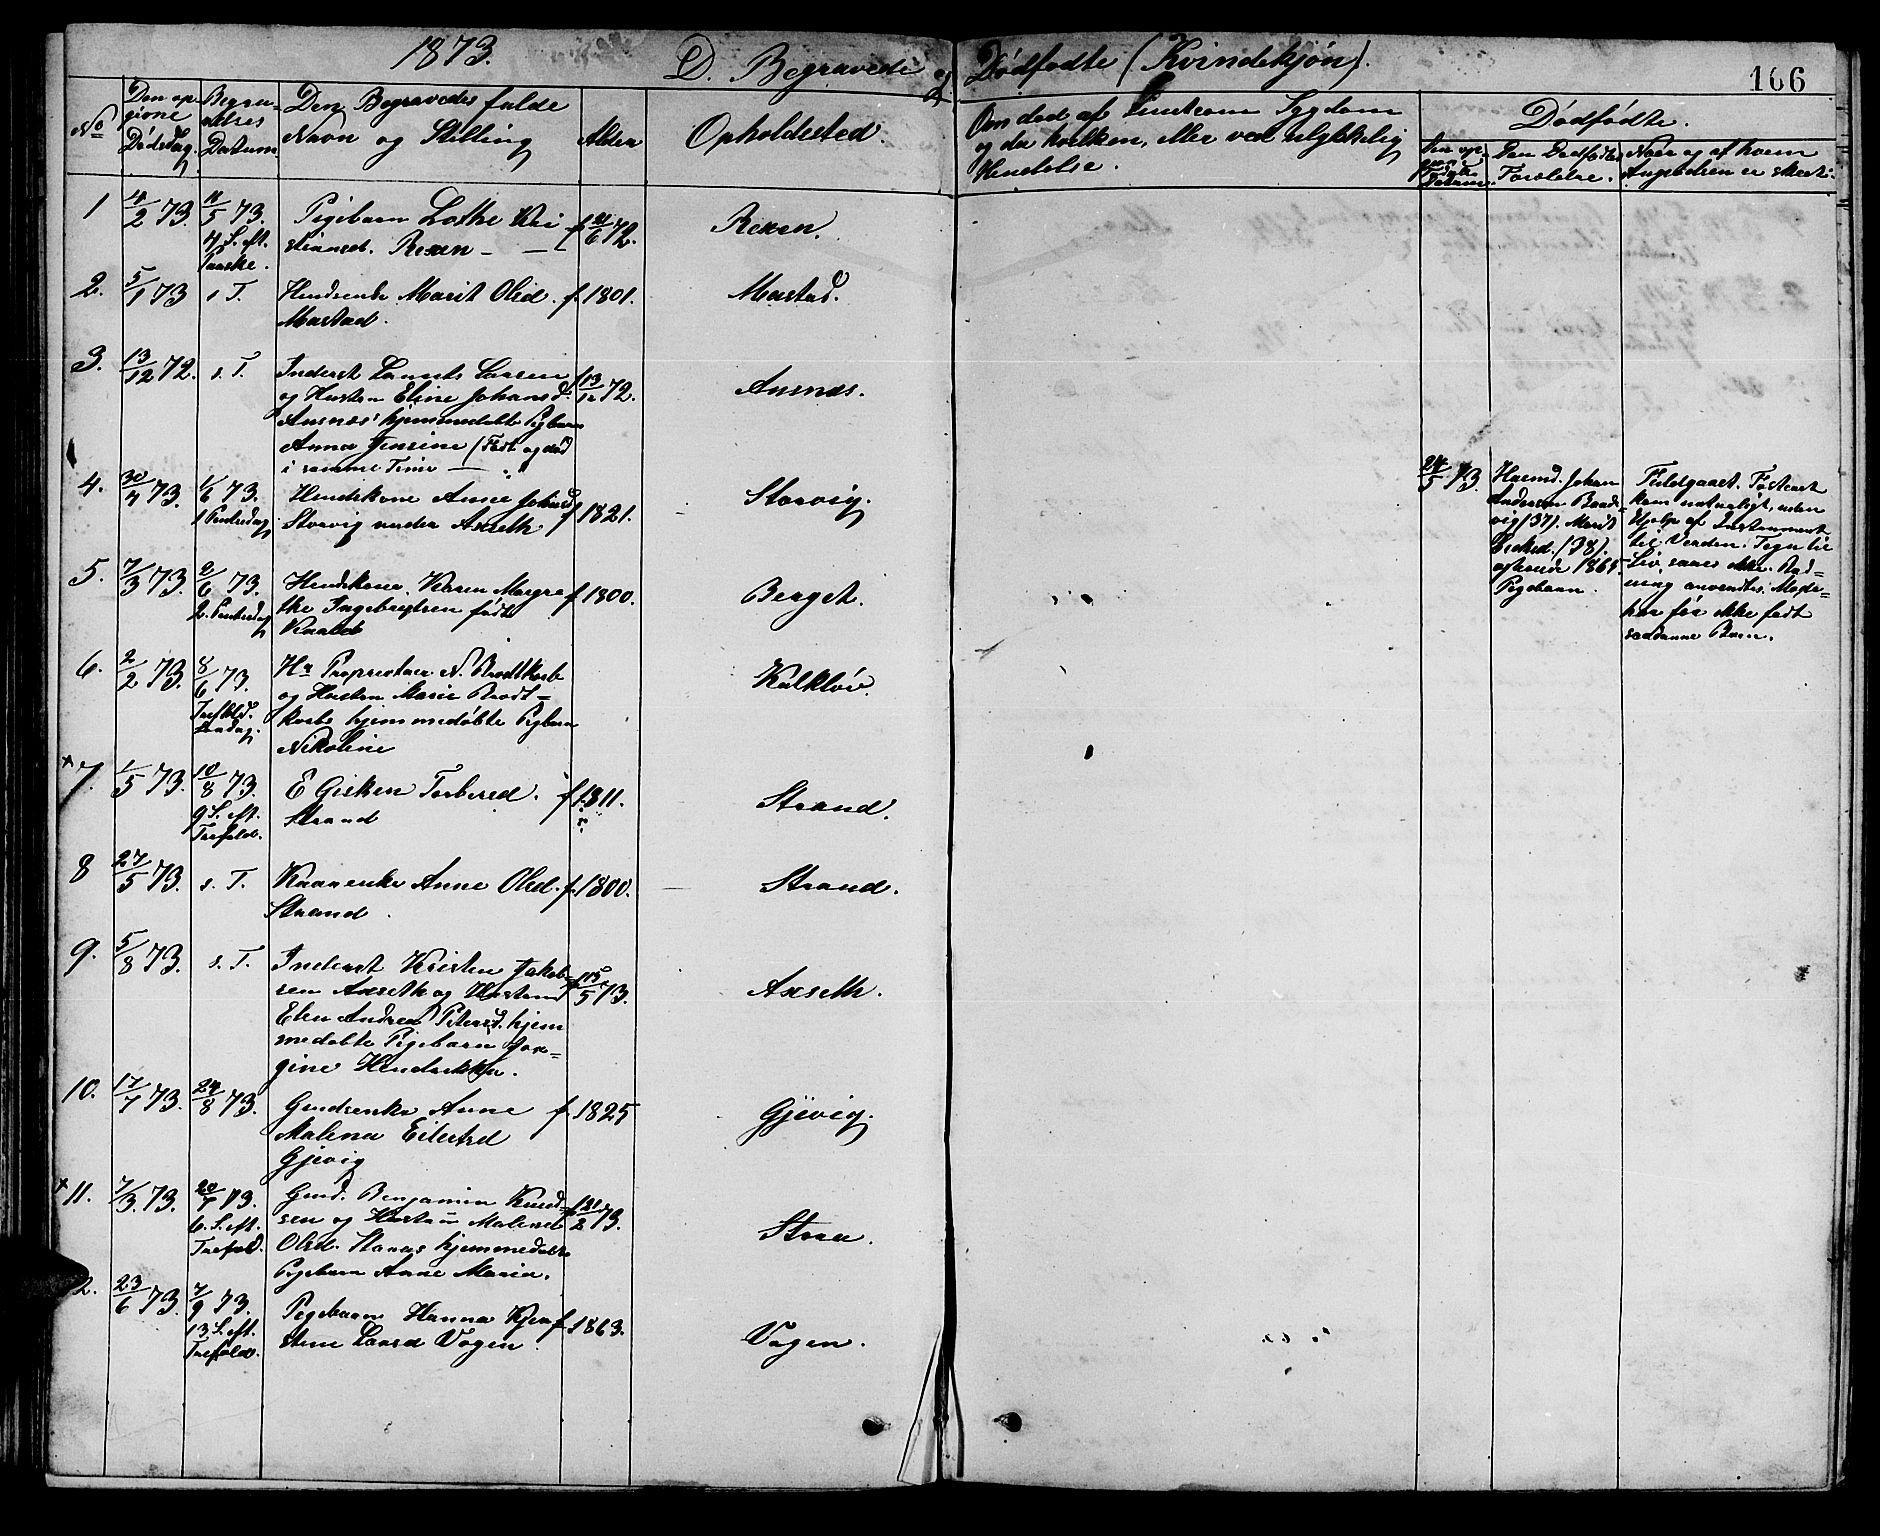 SAT, Ministerialprotokoller, klokkerbøker og fødselsregistre - Sør-Trøndelag, 637/L0561: Klokkerbok nr. 637C02, 1873-1882, s. 166